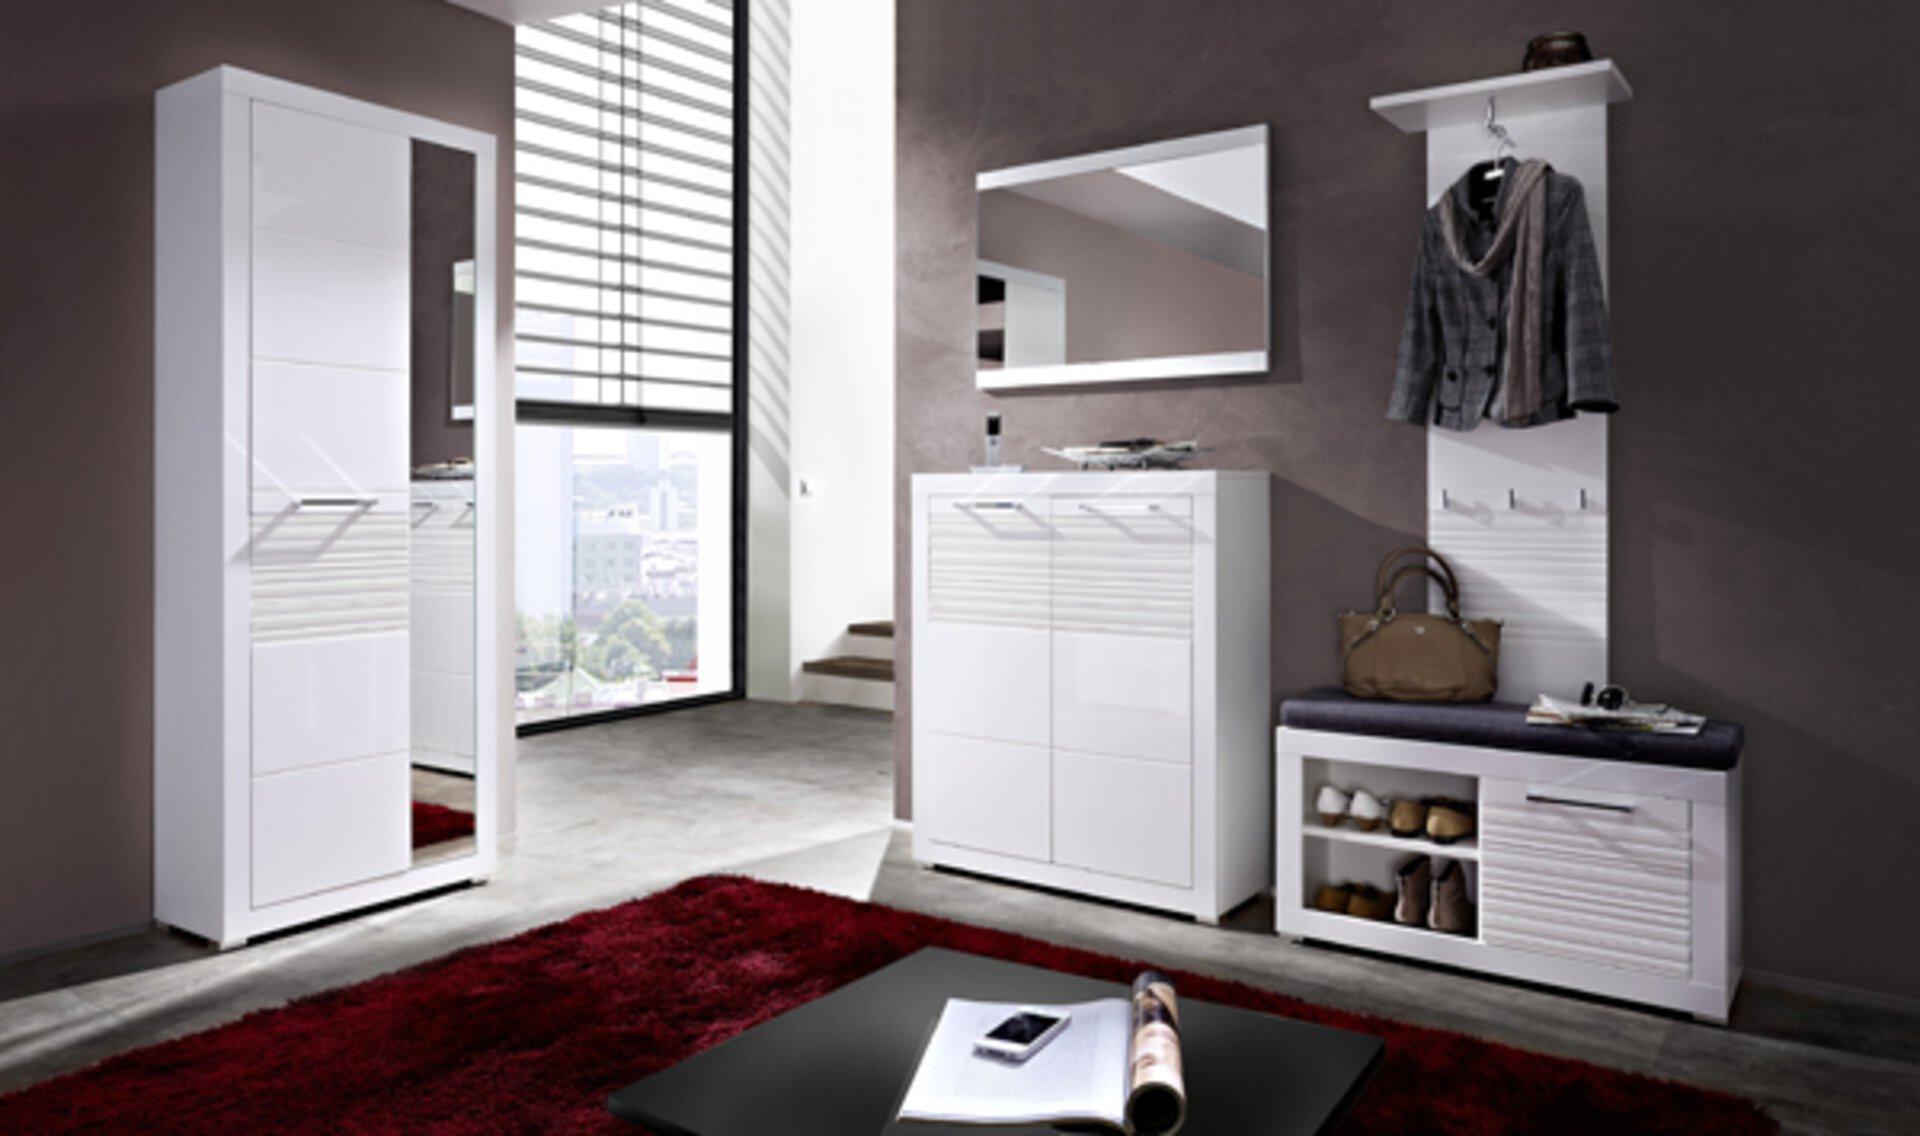 Spiegel LIFE inDoor Holzwerkstoff weiß 2 x 68 x 92 cm